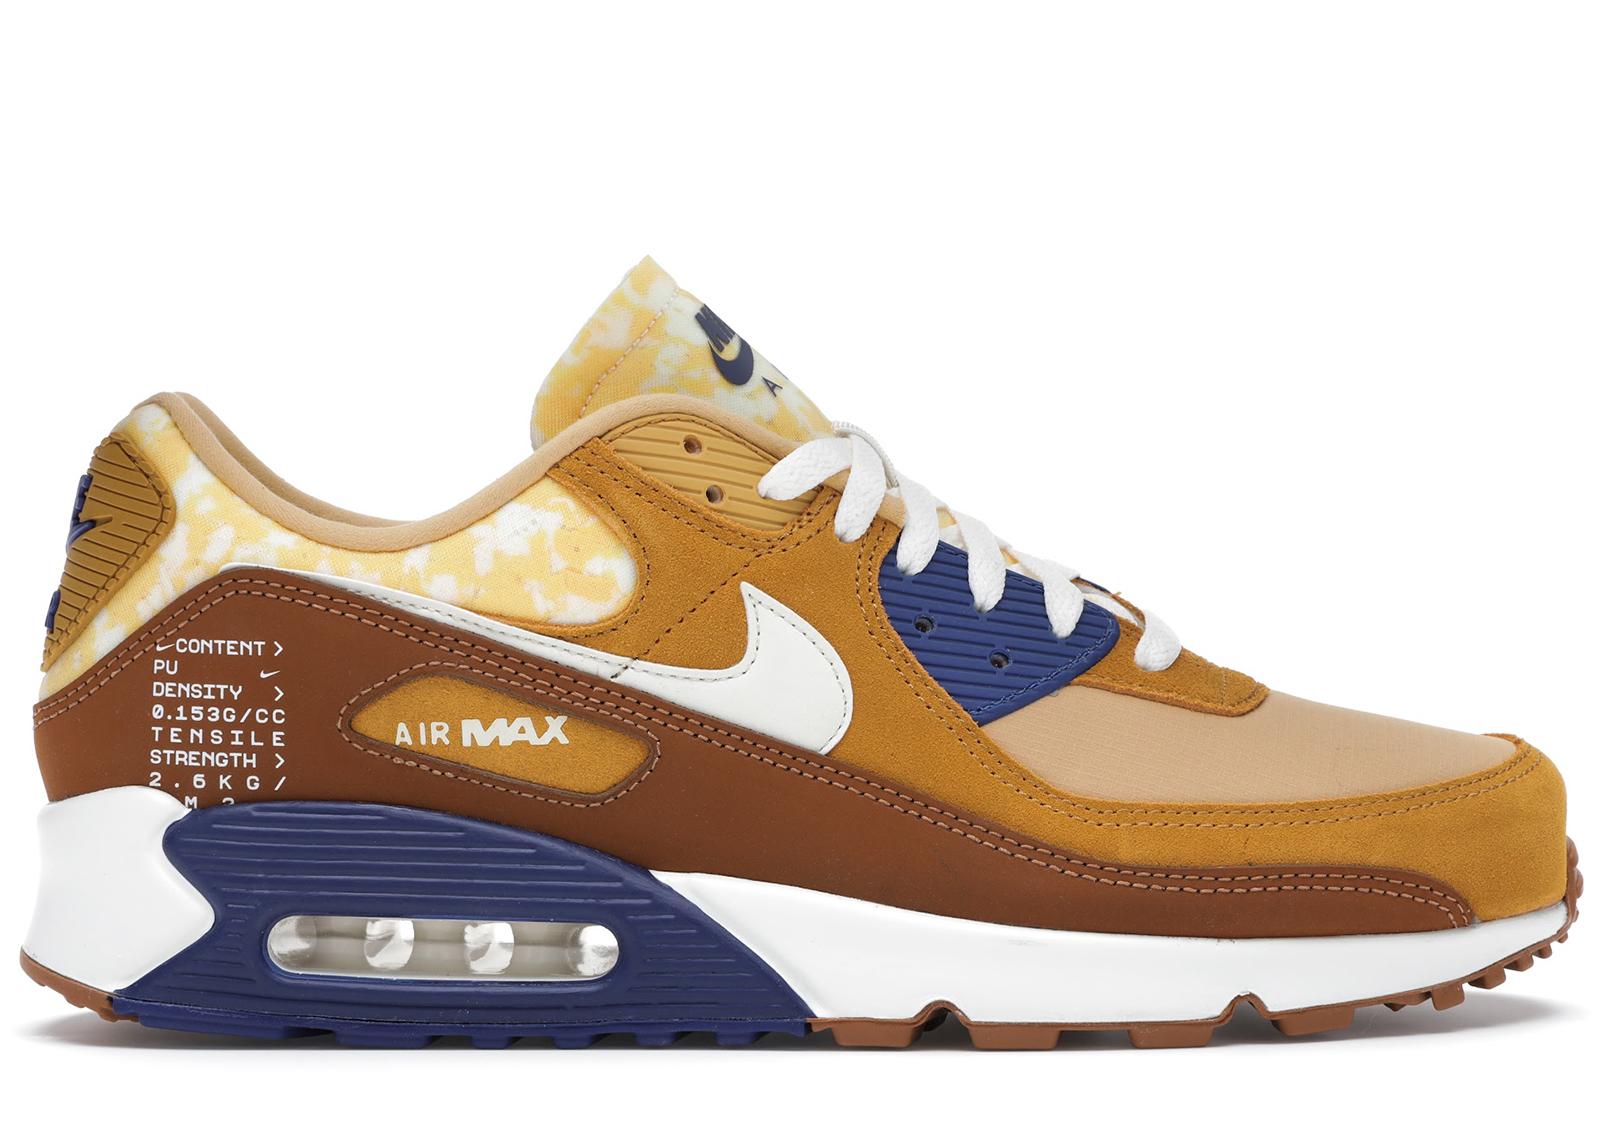 Nike Air Max 90 SE Chutney